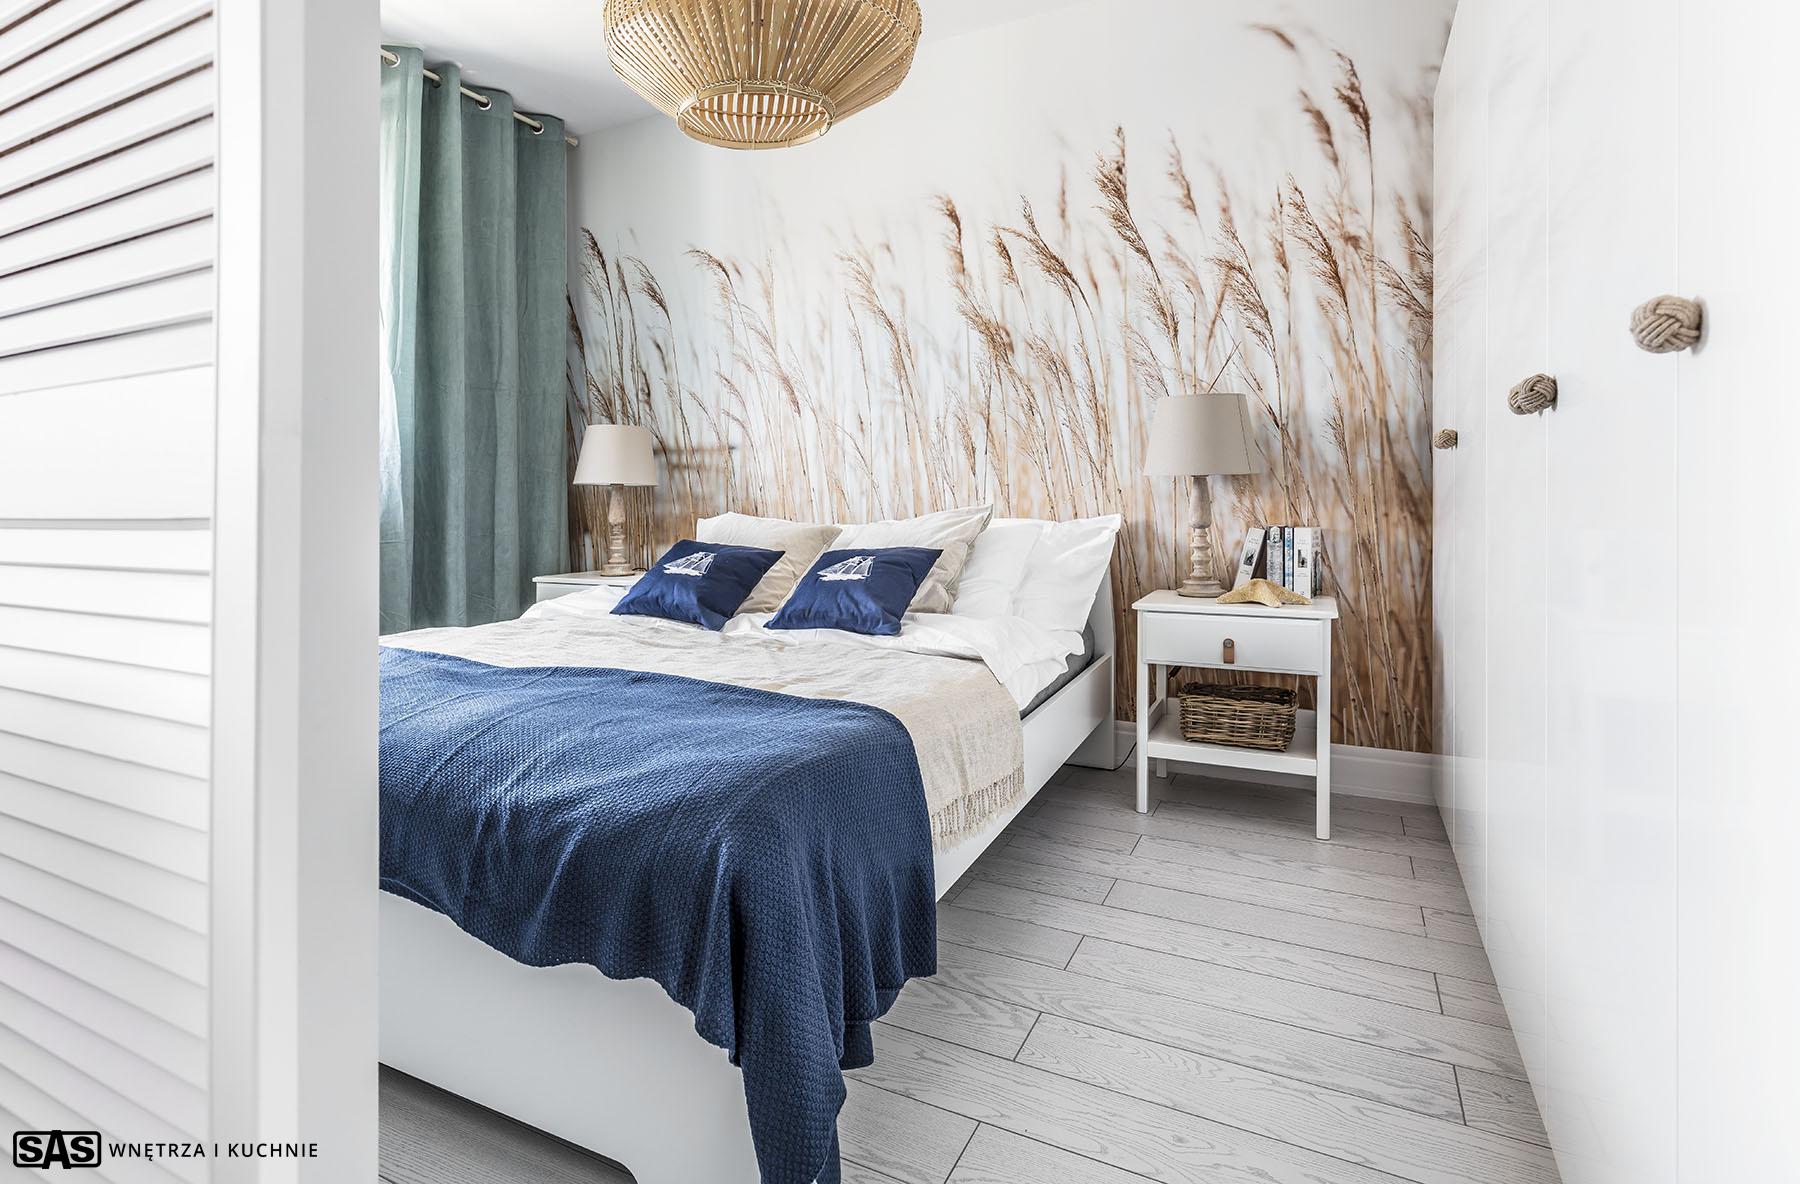 Realizacja SAS Wnętrza i Kuchnie. Projekt architekt wnętrz Emilia Strzempek Plasun. Sypialnia w stylu marynistycznym.